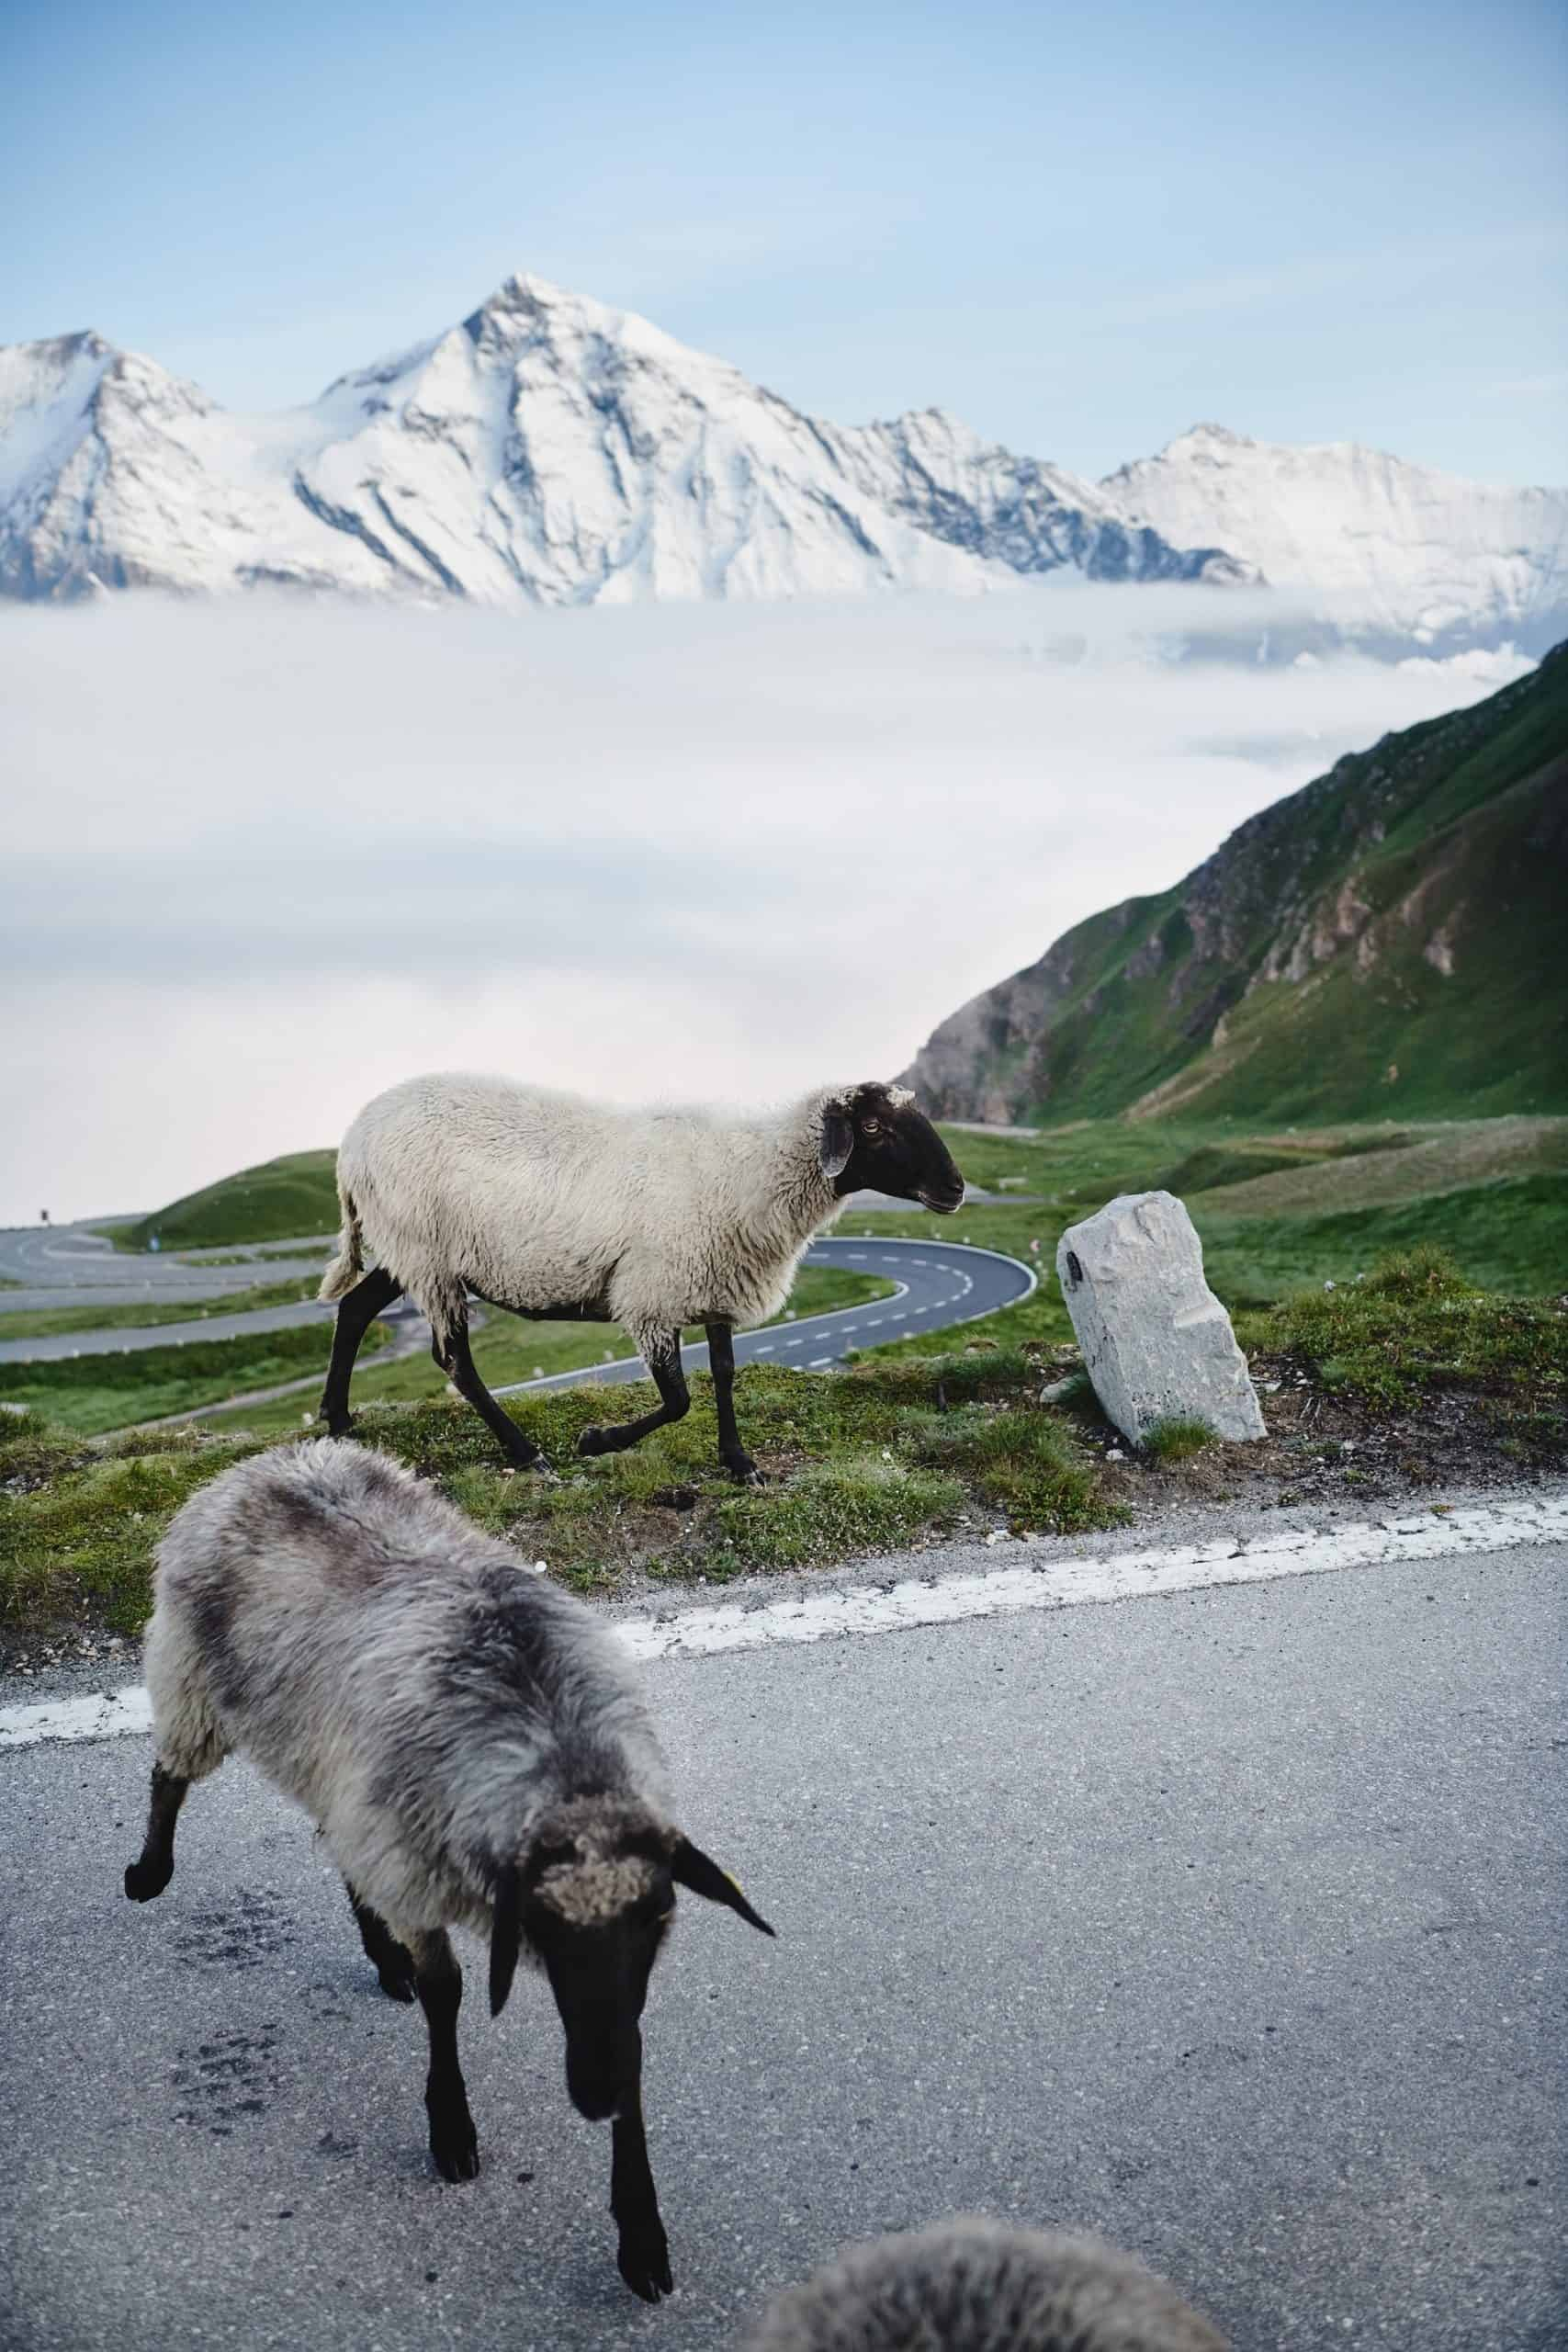 Tiere auf der Großglockner Hochalpenstraße - Schafe entlang der Panoramastraße in Österreich